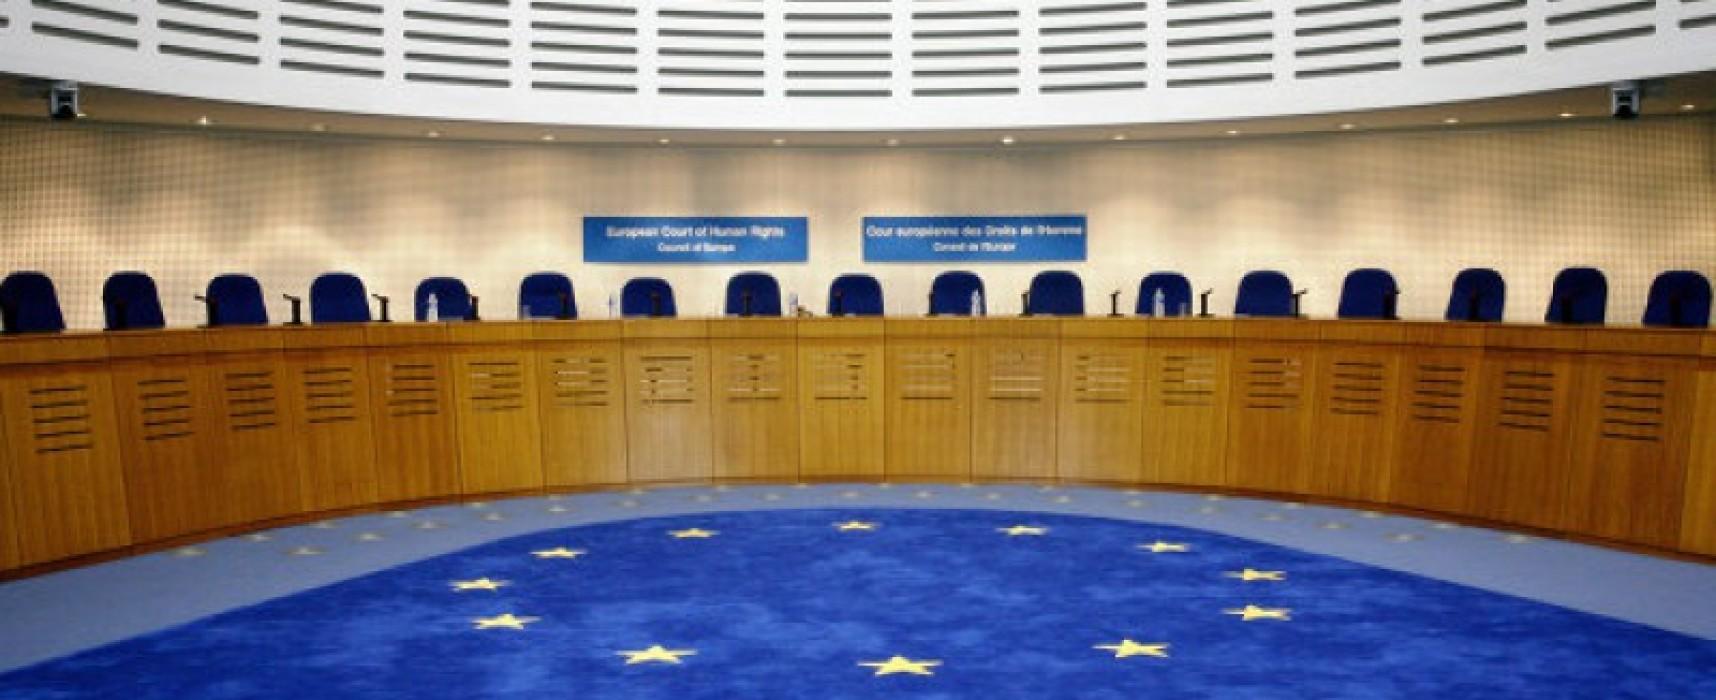 Фейк: Европейский суд отказался возвращать Крым Украине